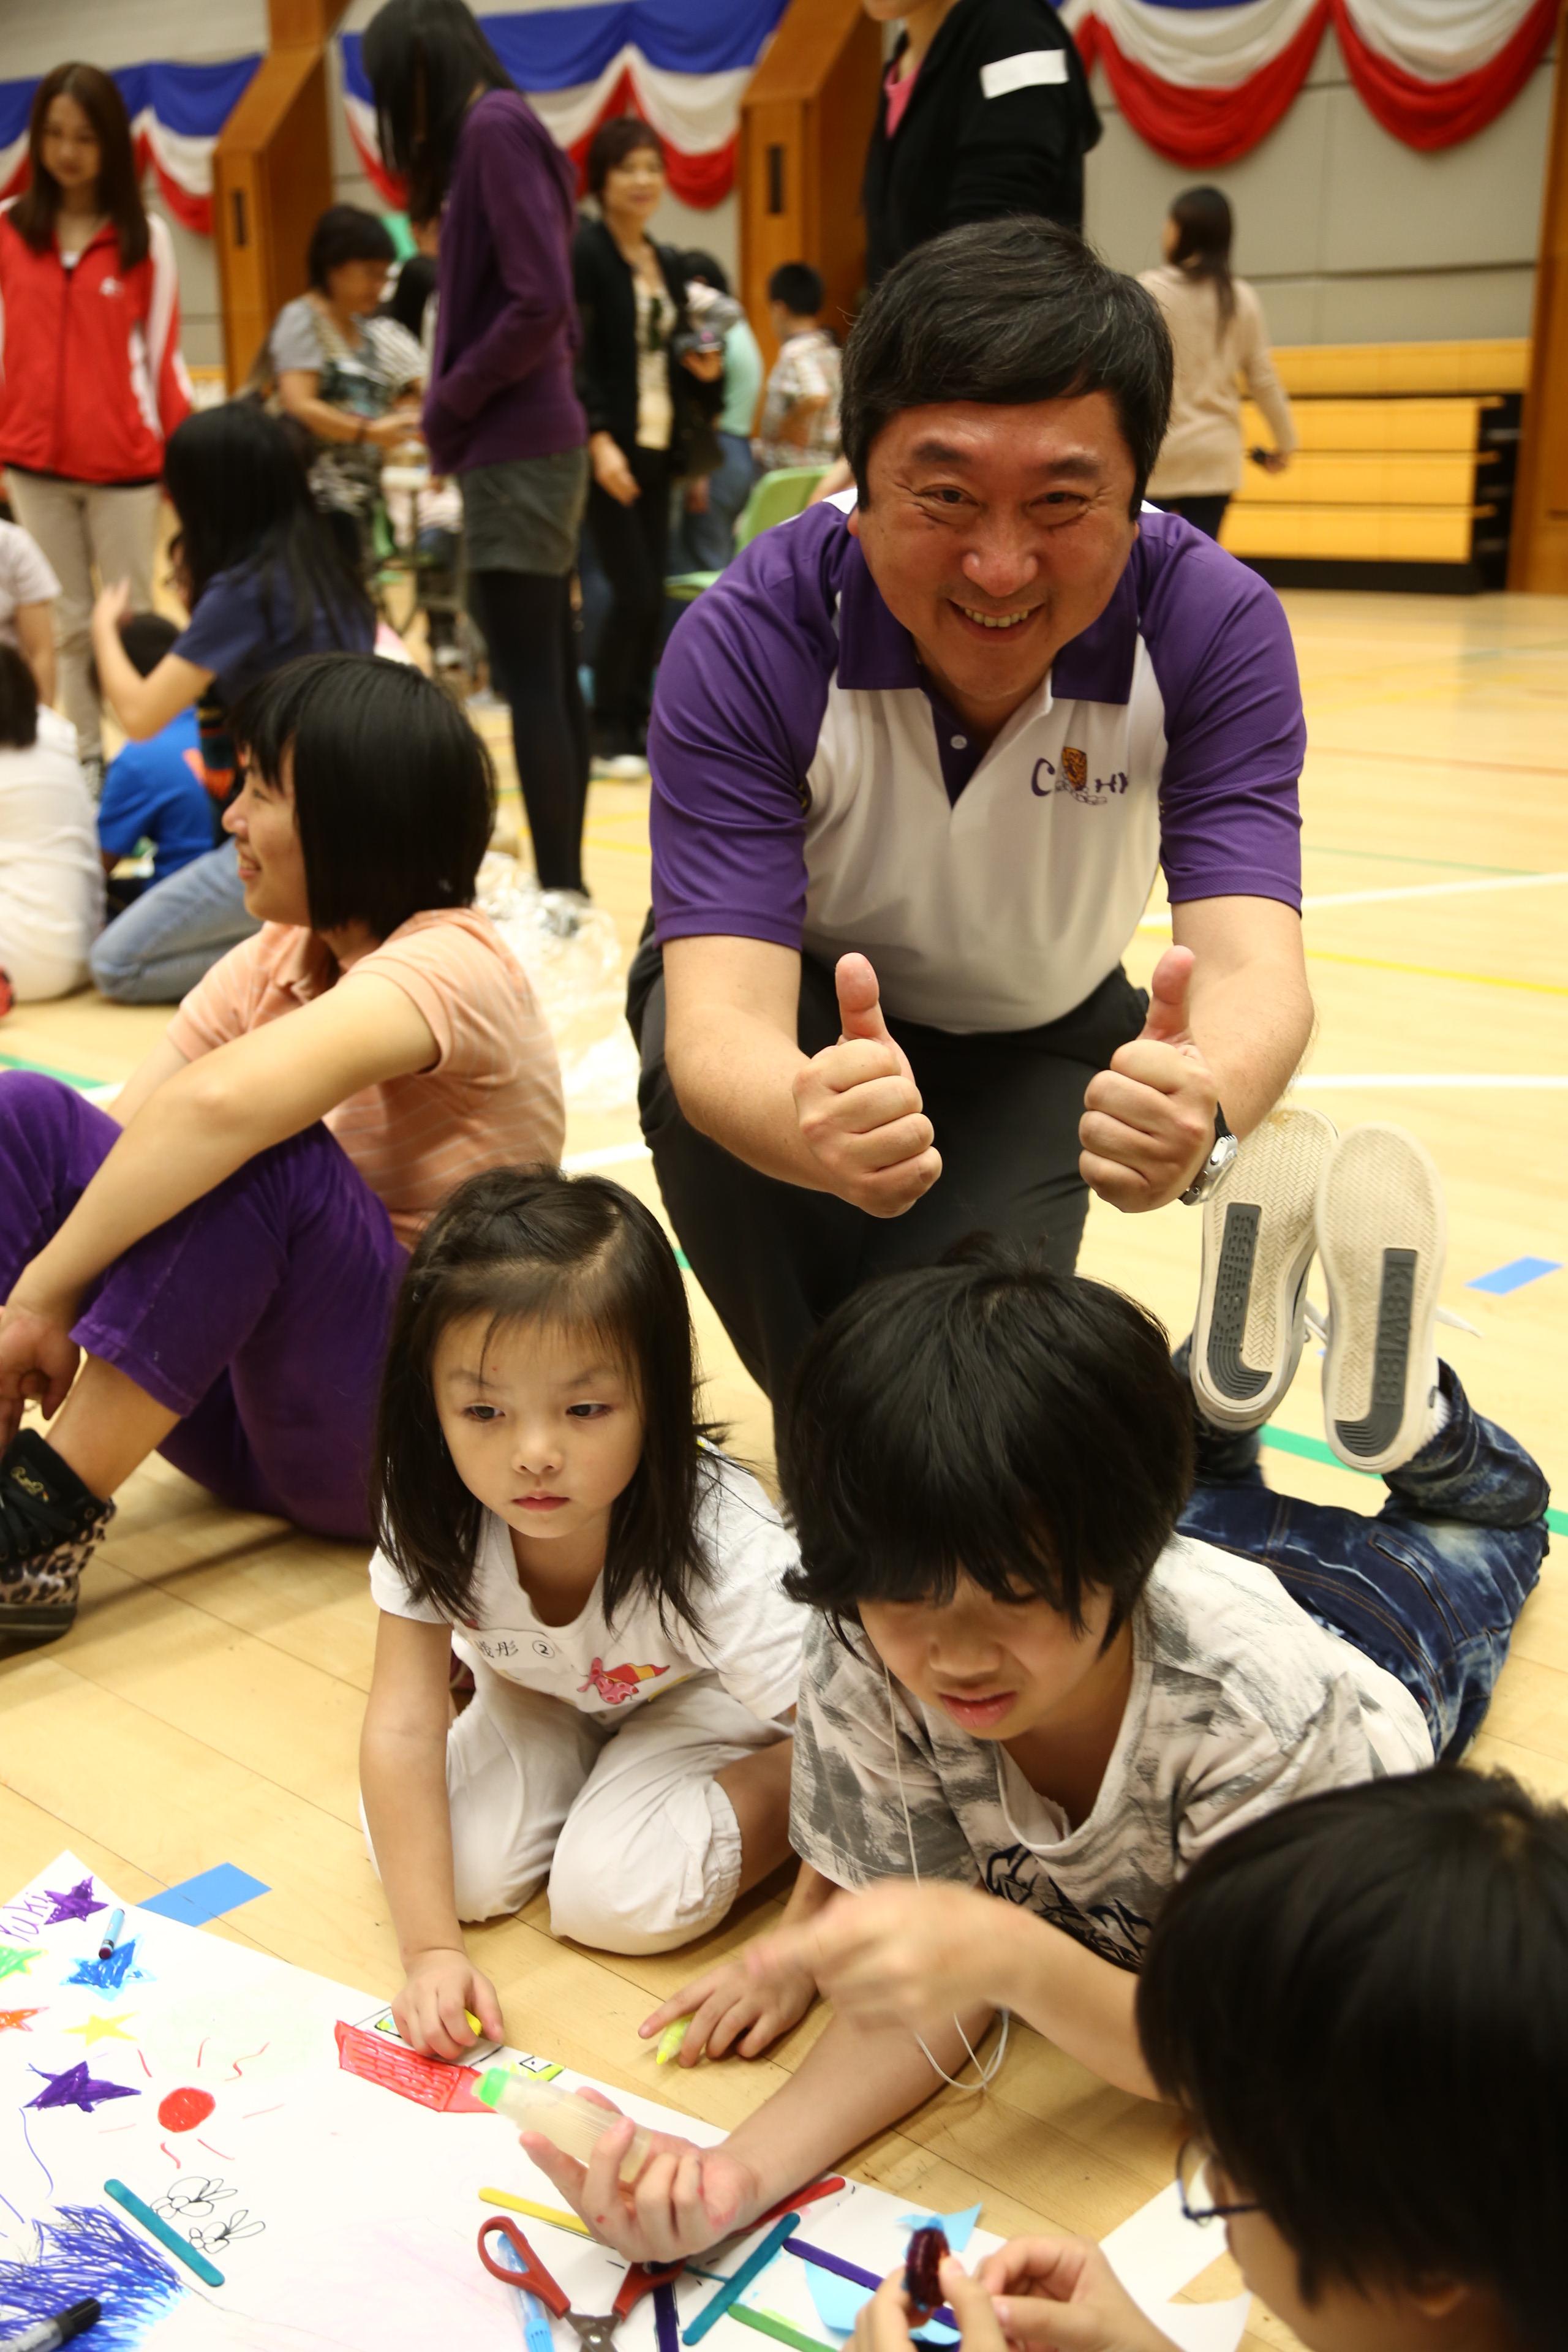 沈祖堯校長鼓勵參與遊戲的小朋友。